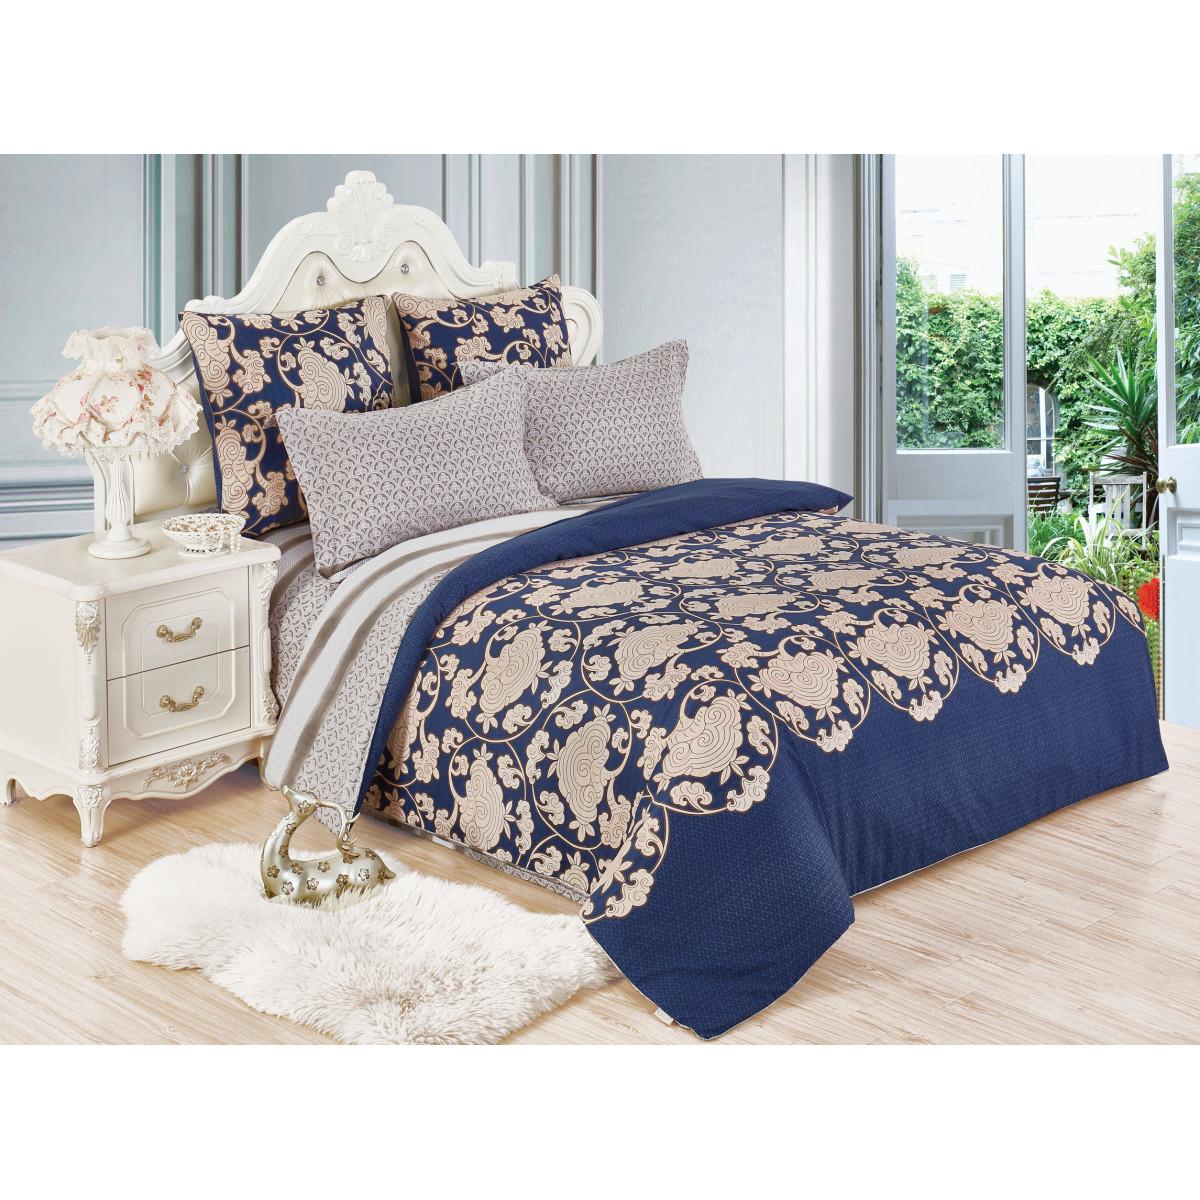 Комплект постельного белья Cleo двуспальный сатин 70x70 см